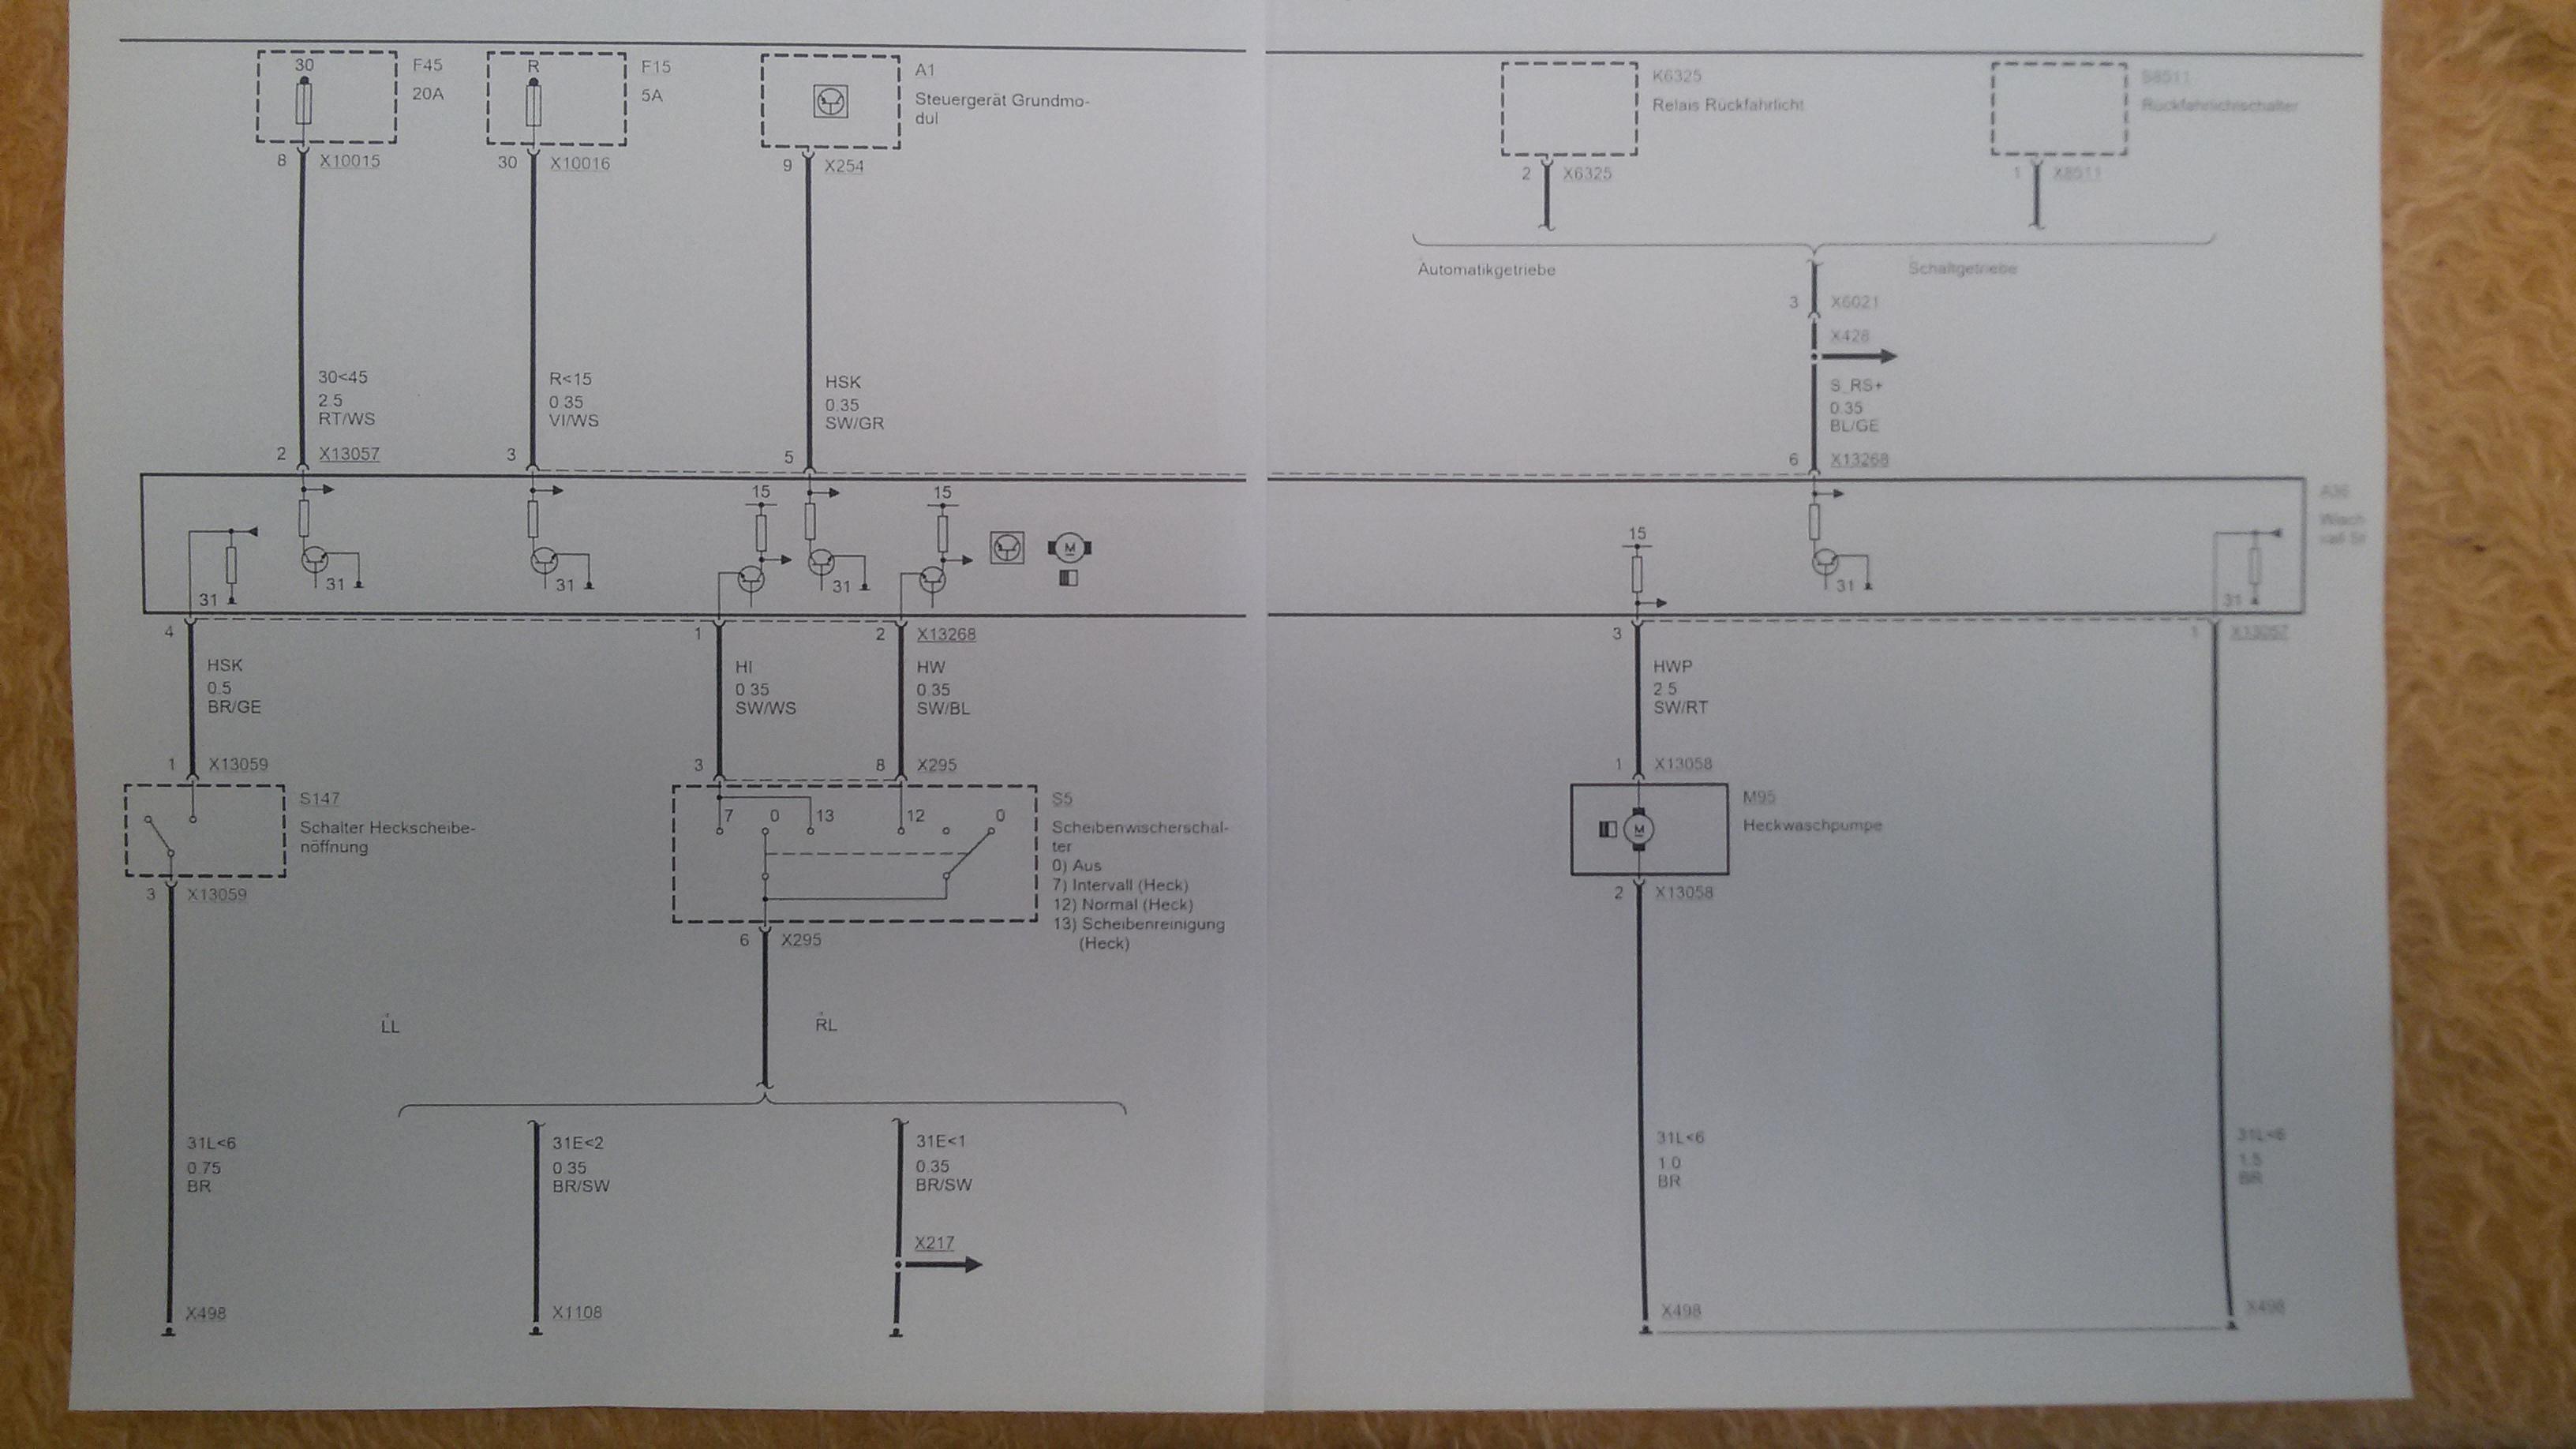 schaltplan f r den heckwischer vom e46 touring 01 2005. Black Bedroom Furniture Sets. Home Design Ideas